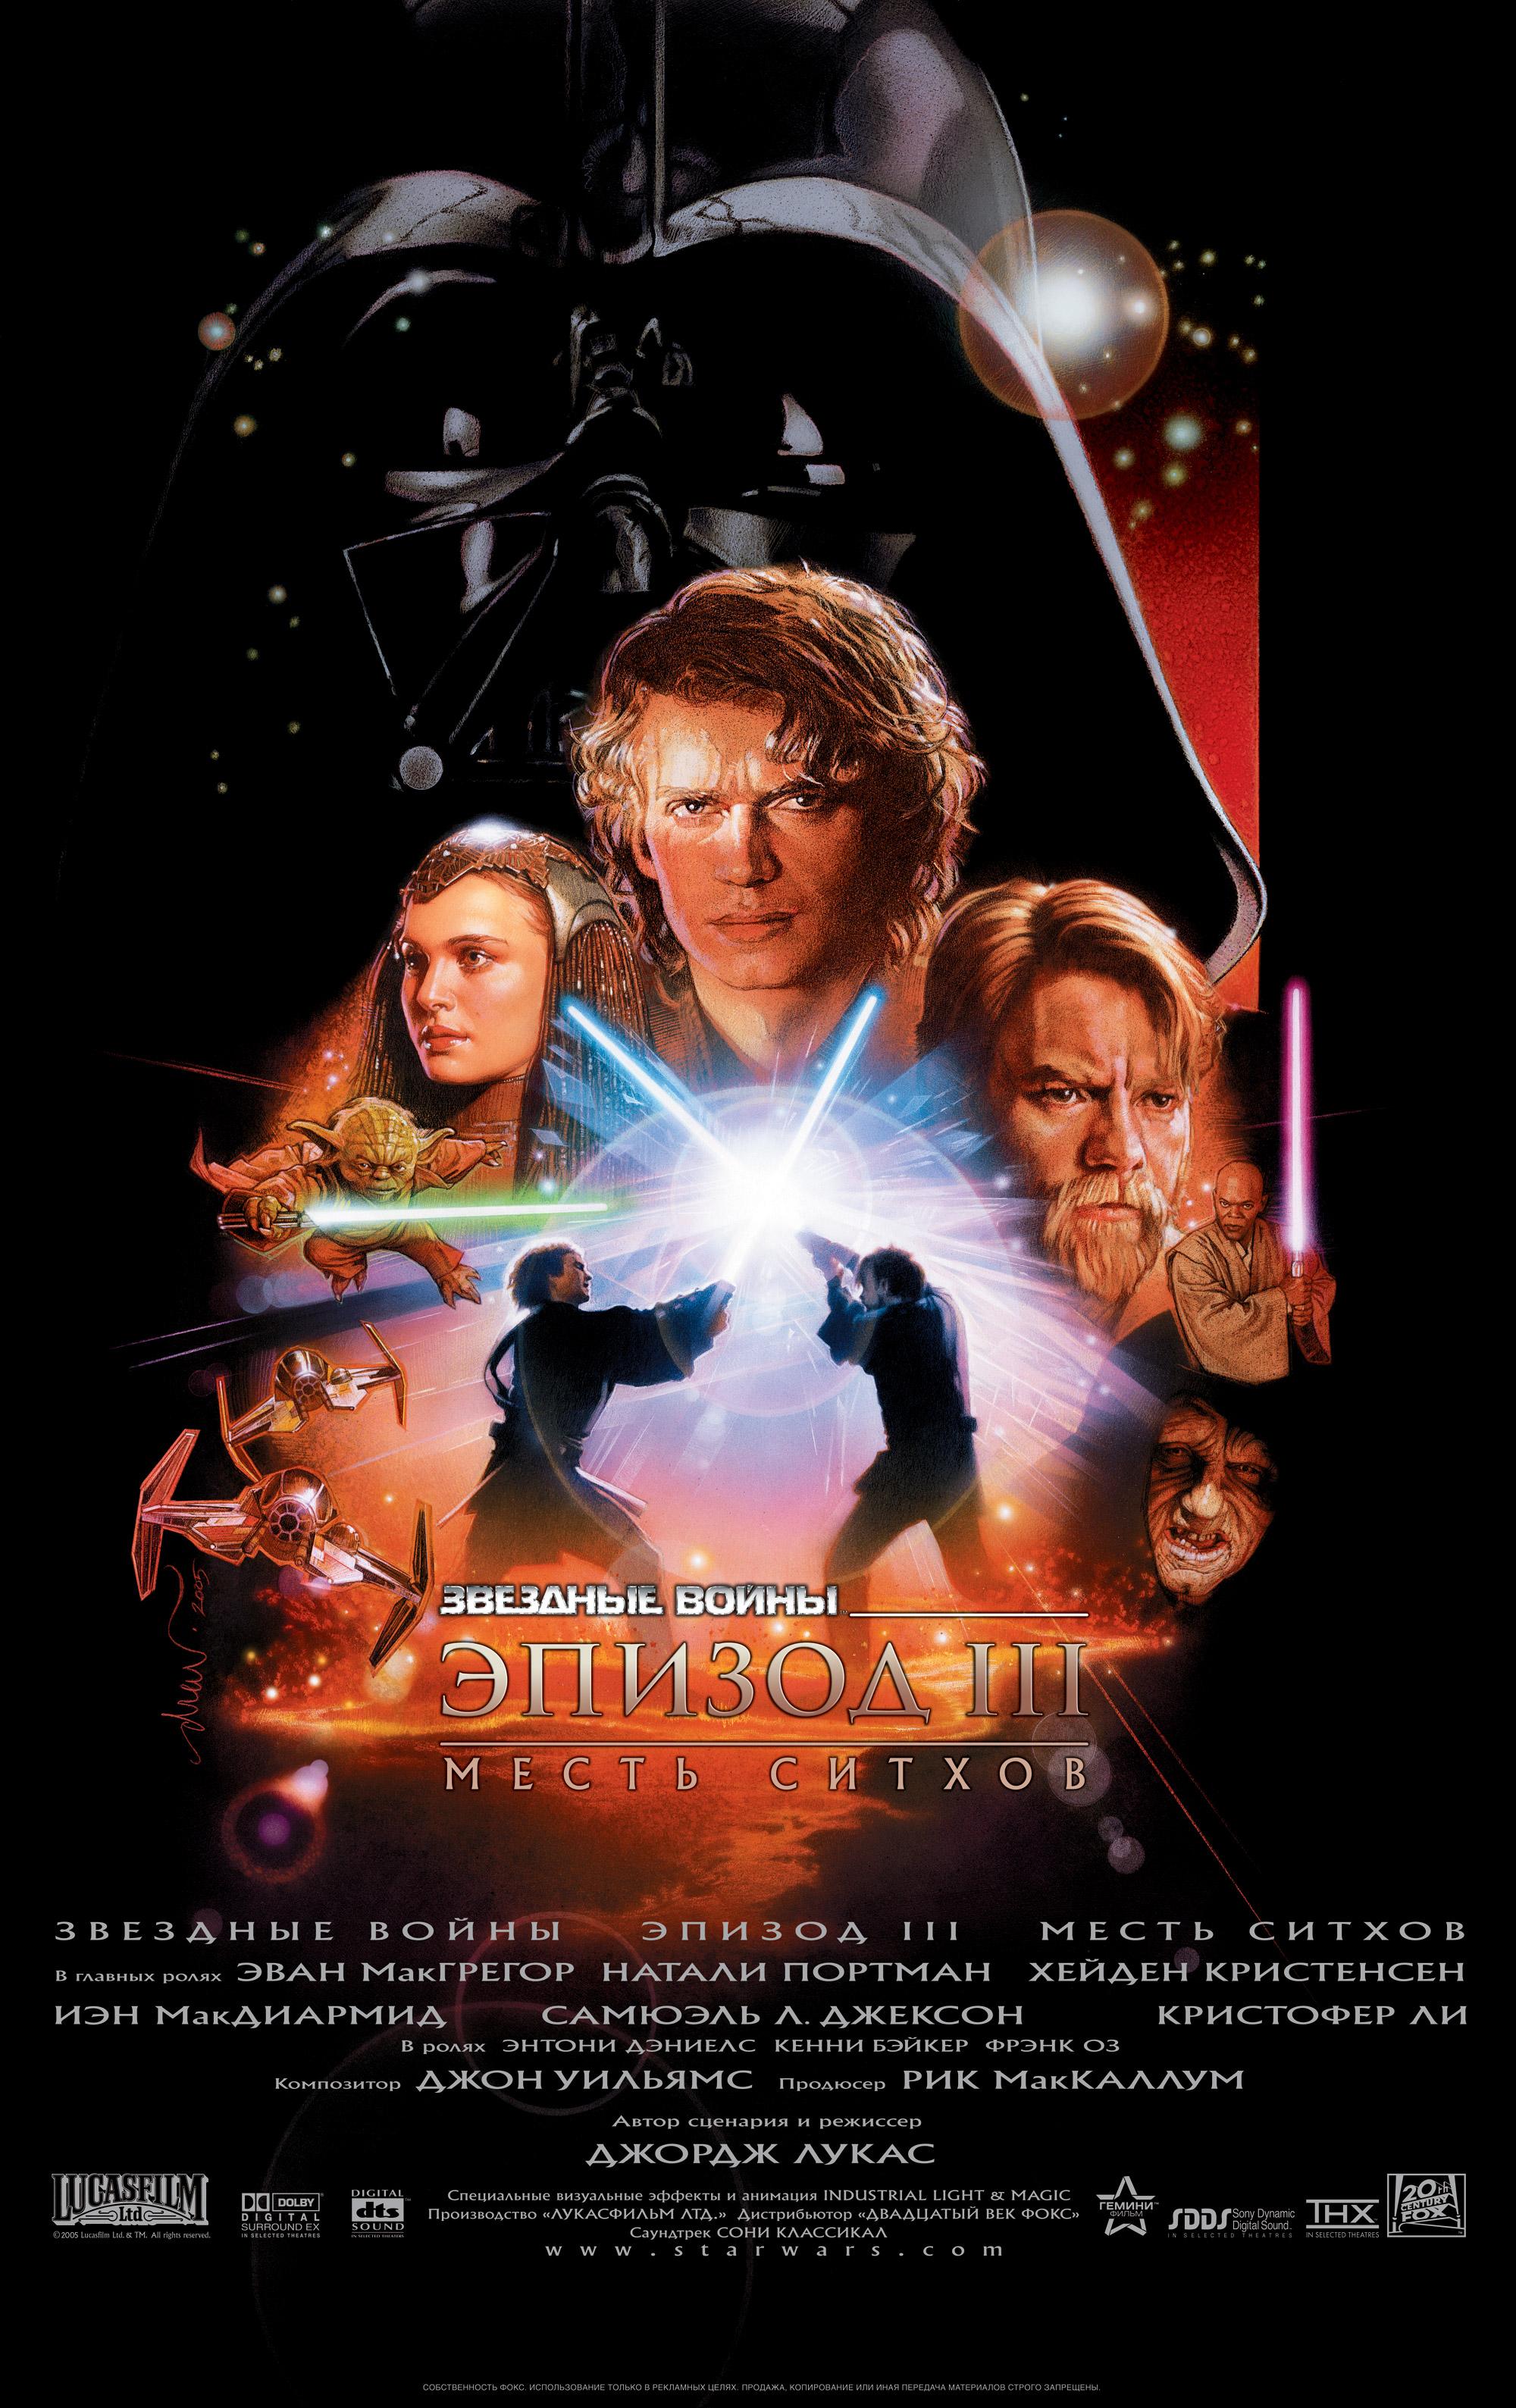 смотреть звездные войны 2 эпизод смотреть онлайн